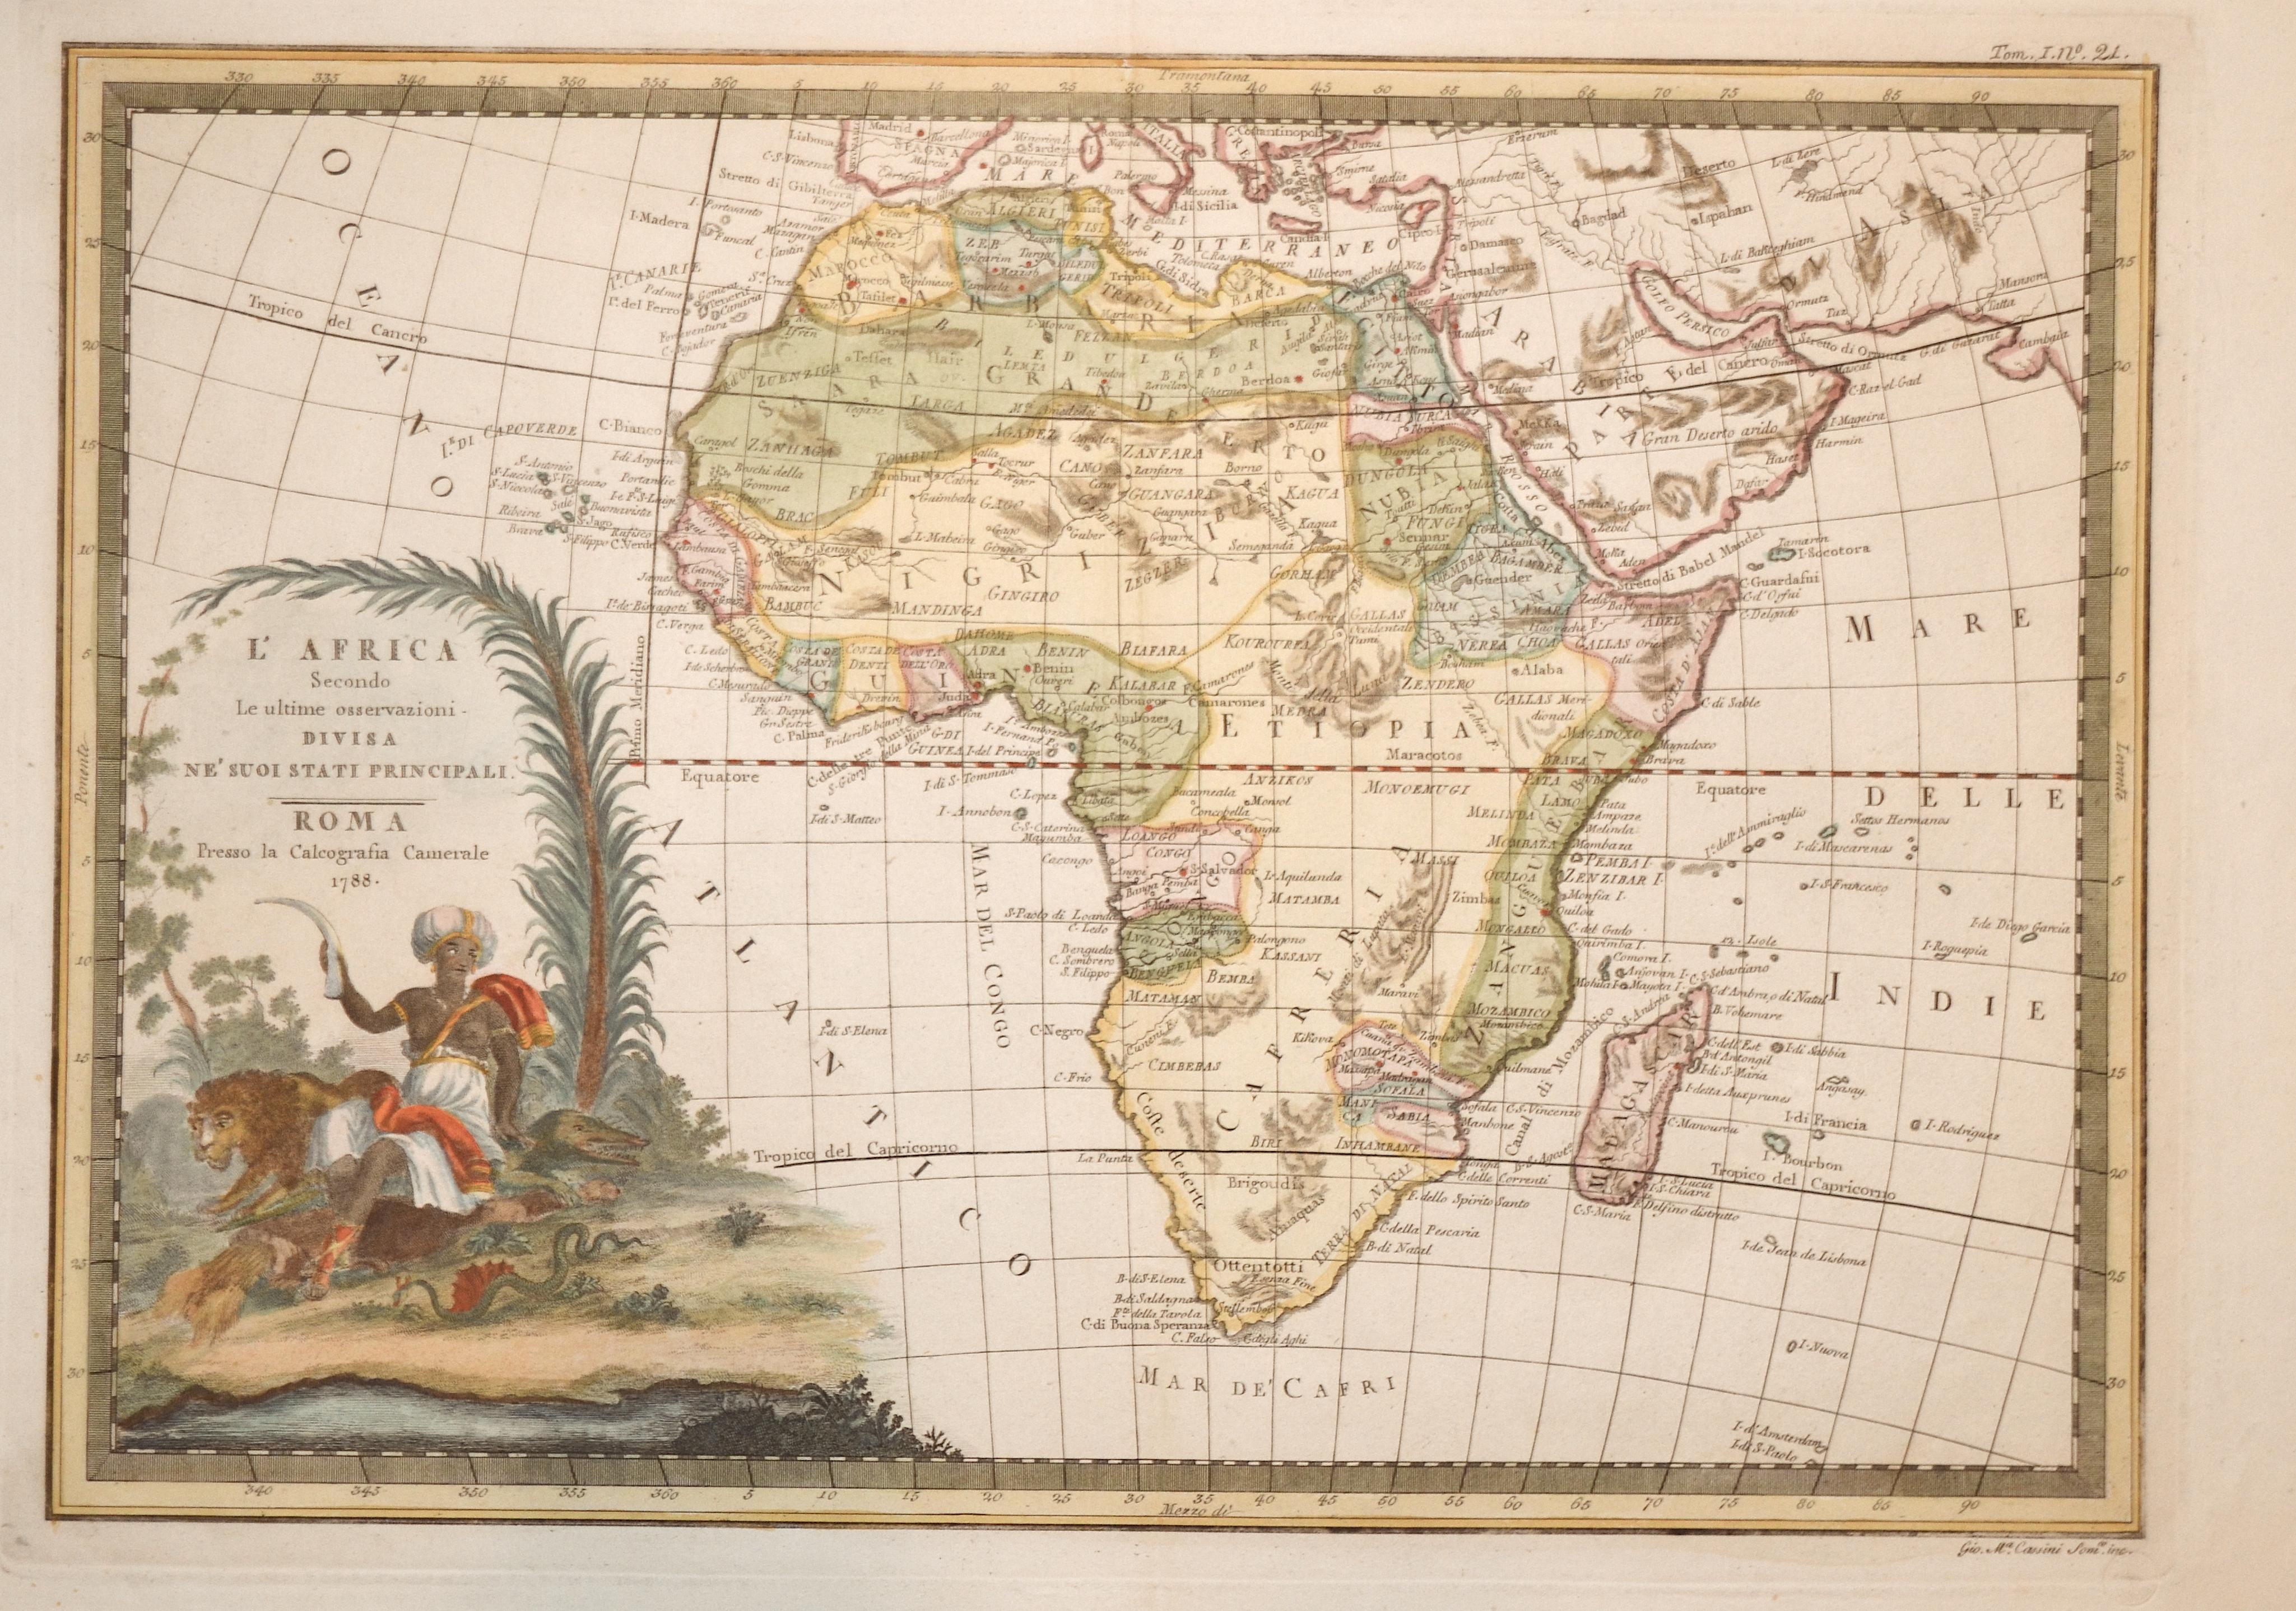 Cassini Giovanni Maria L' Africa Secondo Le ultime osservazioni Divisa ne'suoi stati Principali.